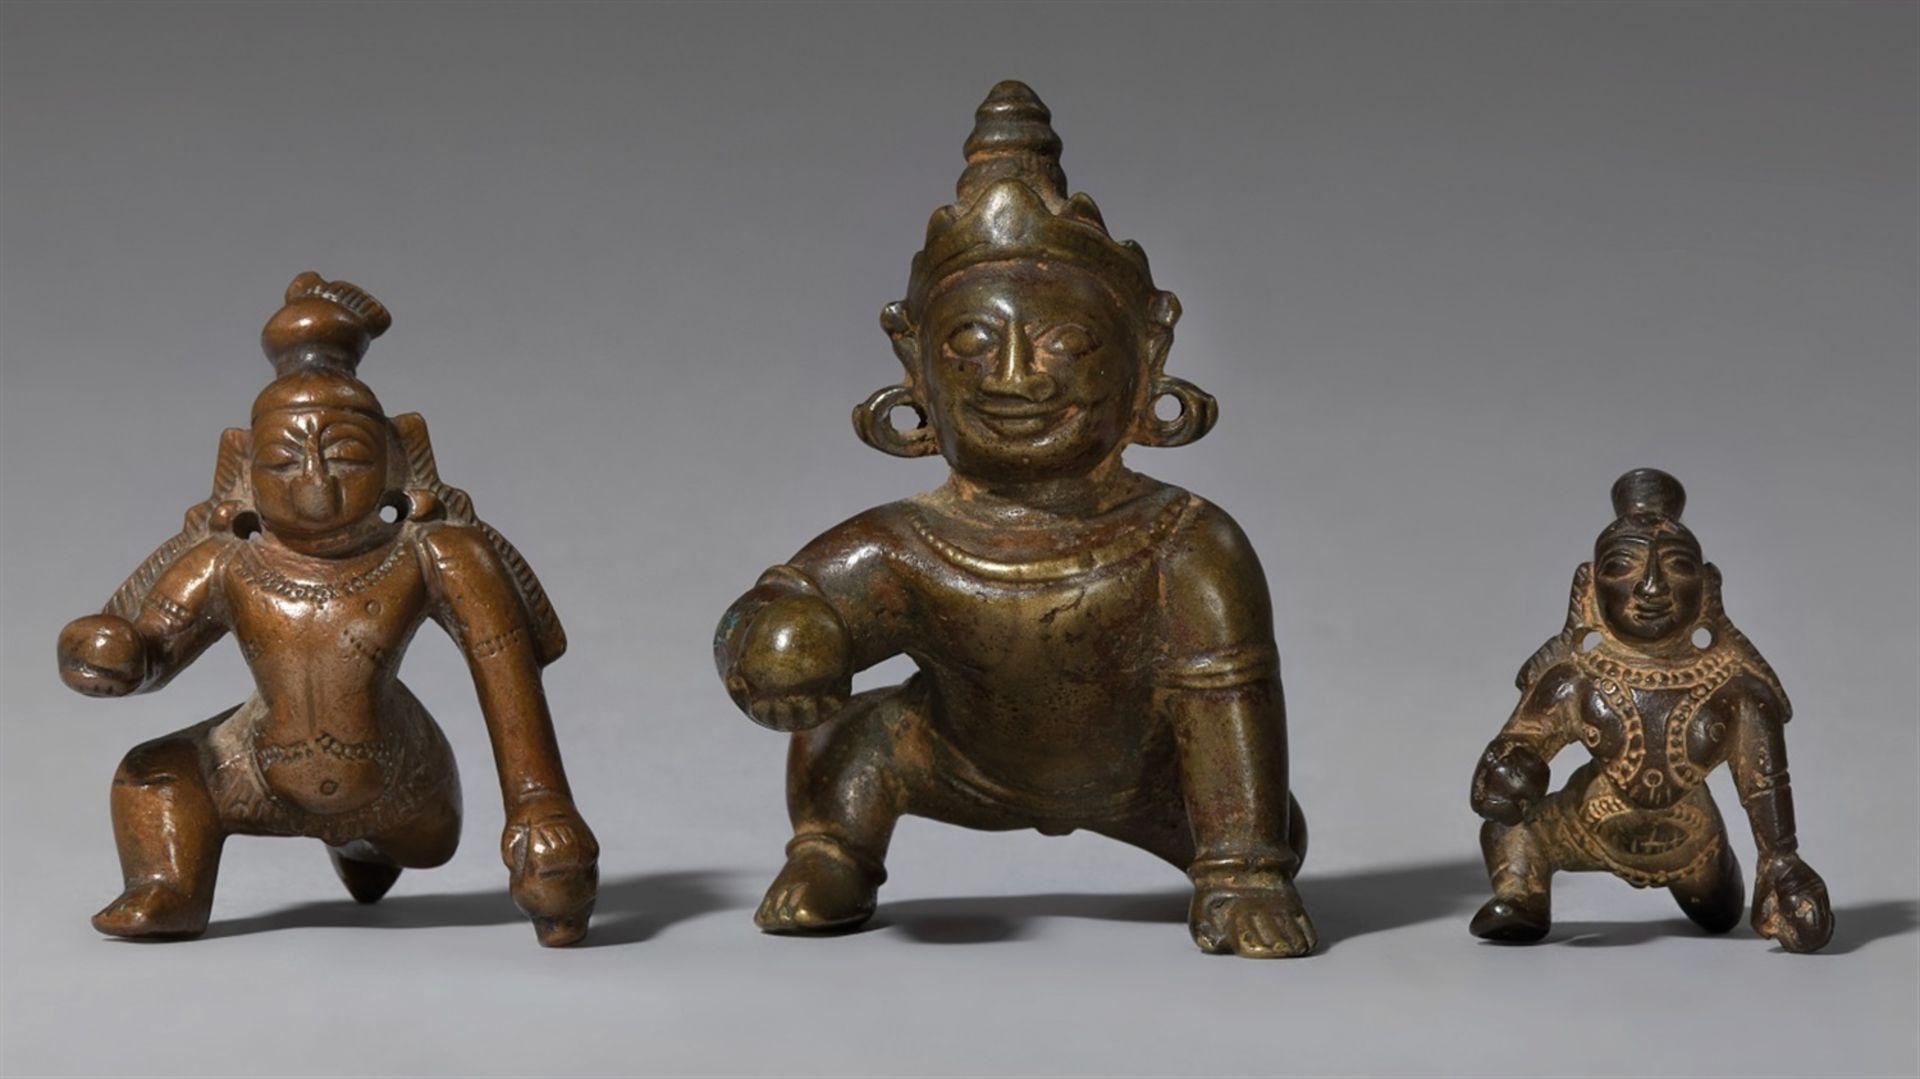 Drei Figuren des Balakrishna. Kupferlegierung. Süd-Indien, Tamil Nadu. 18./19. Jh.